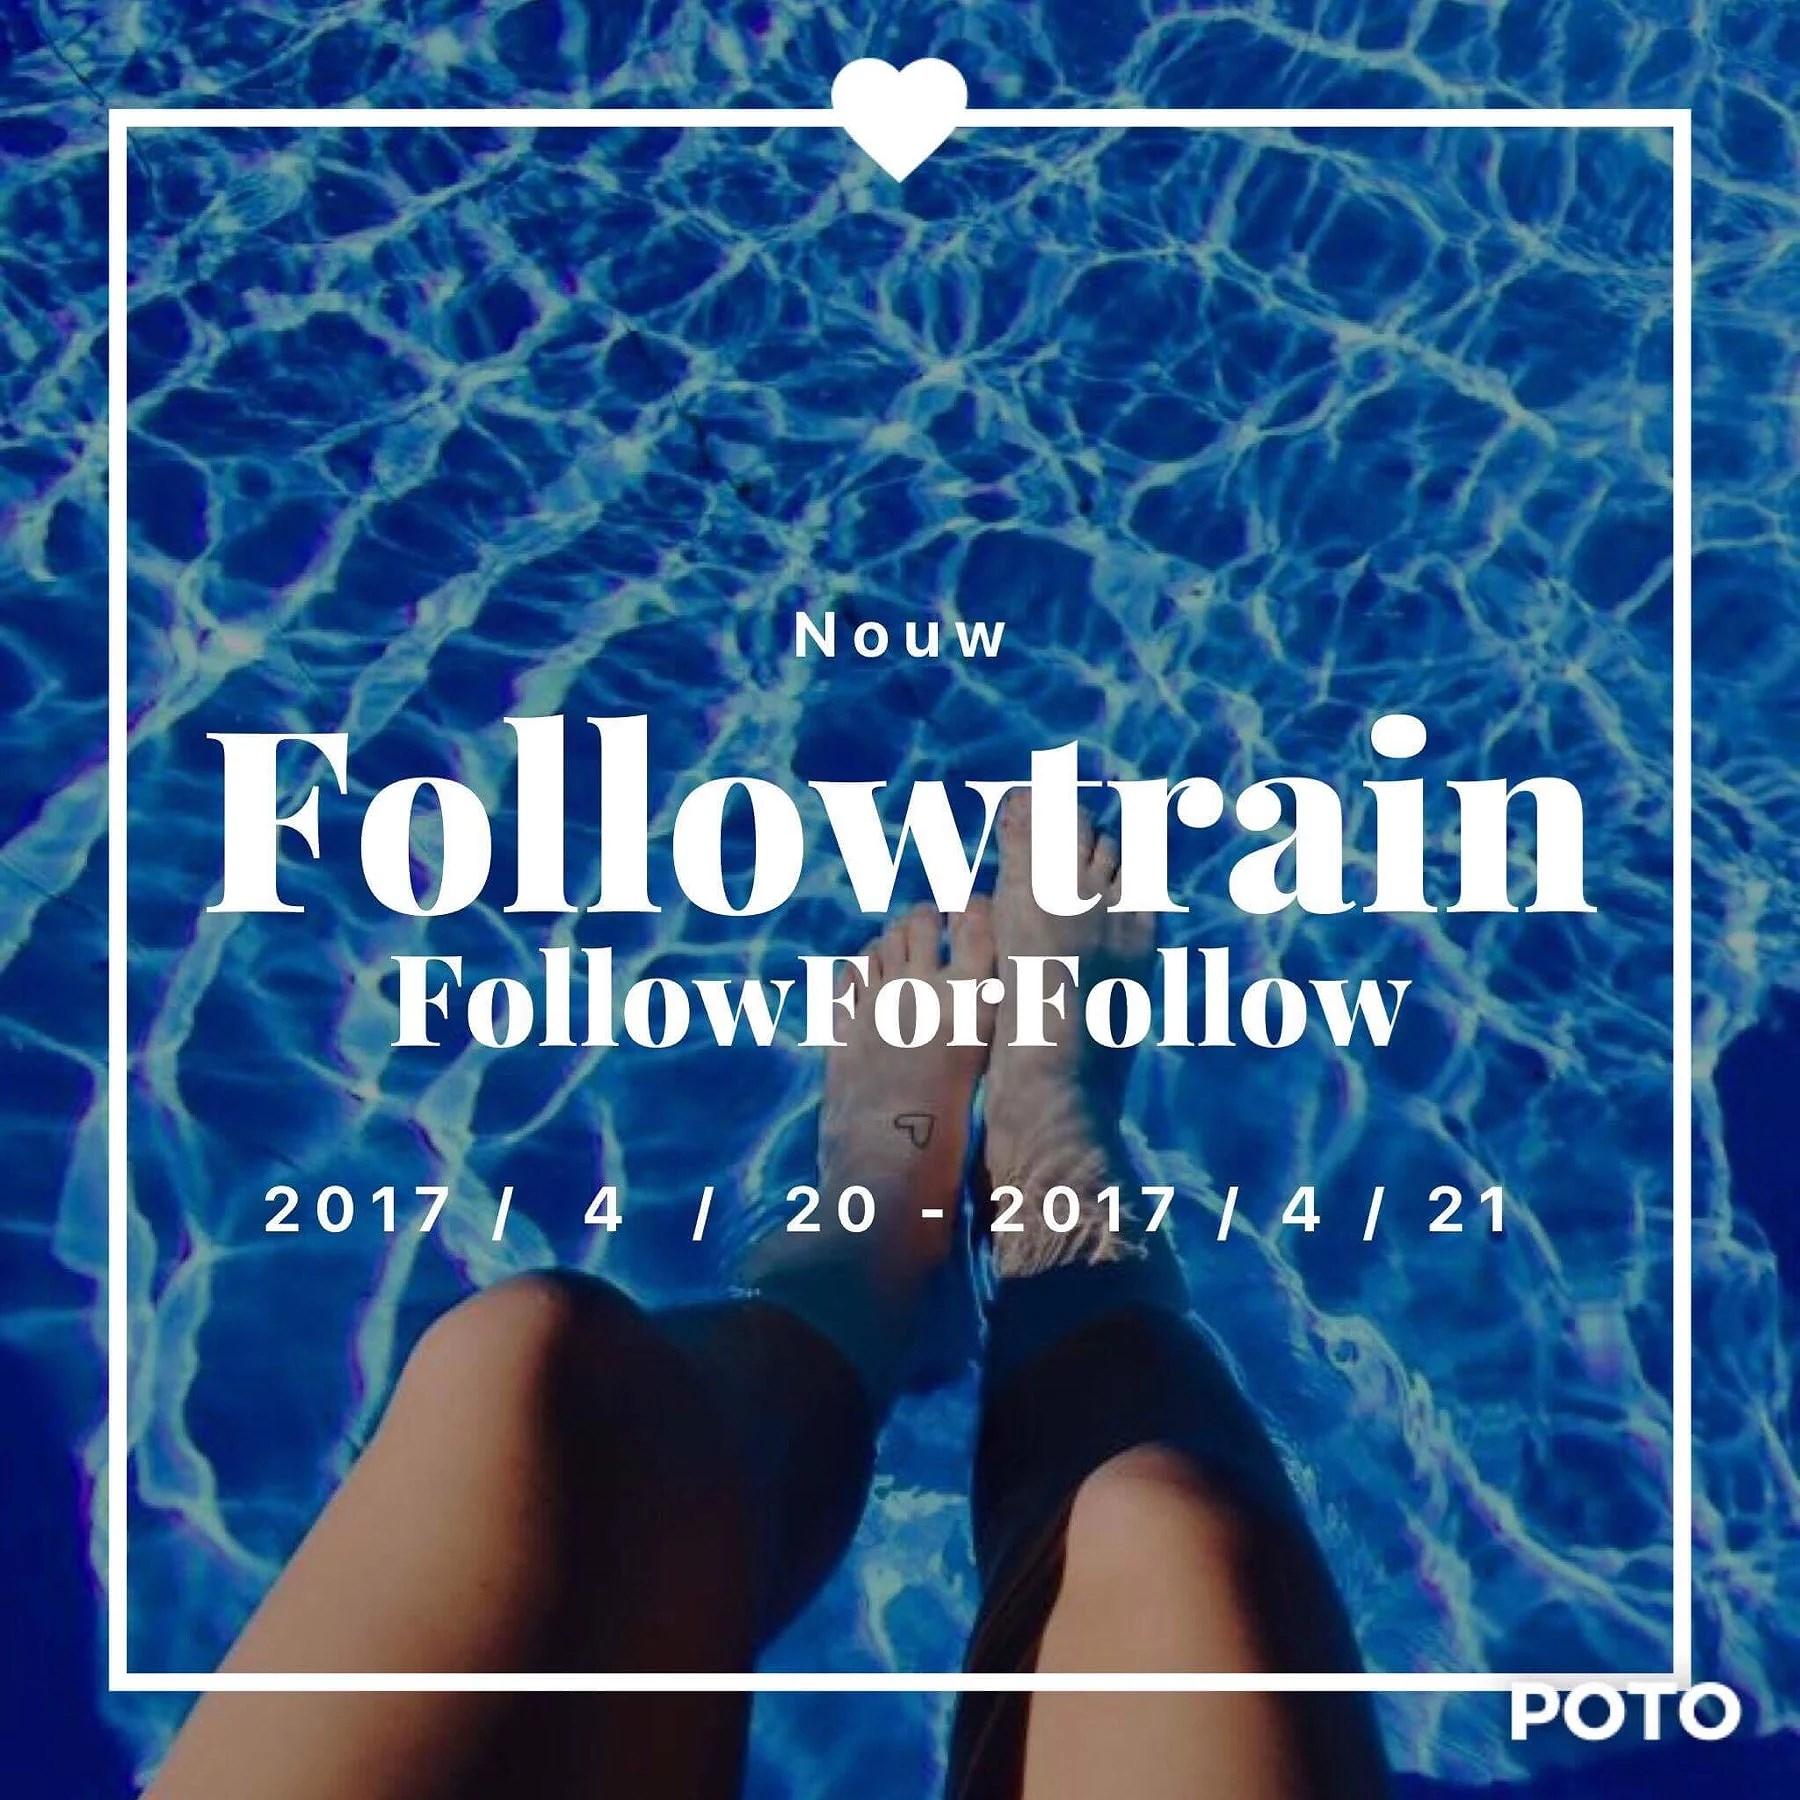 Followtrian